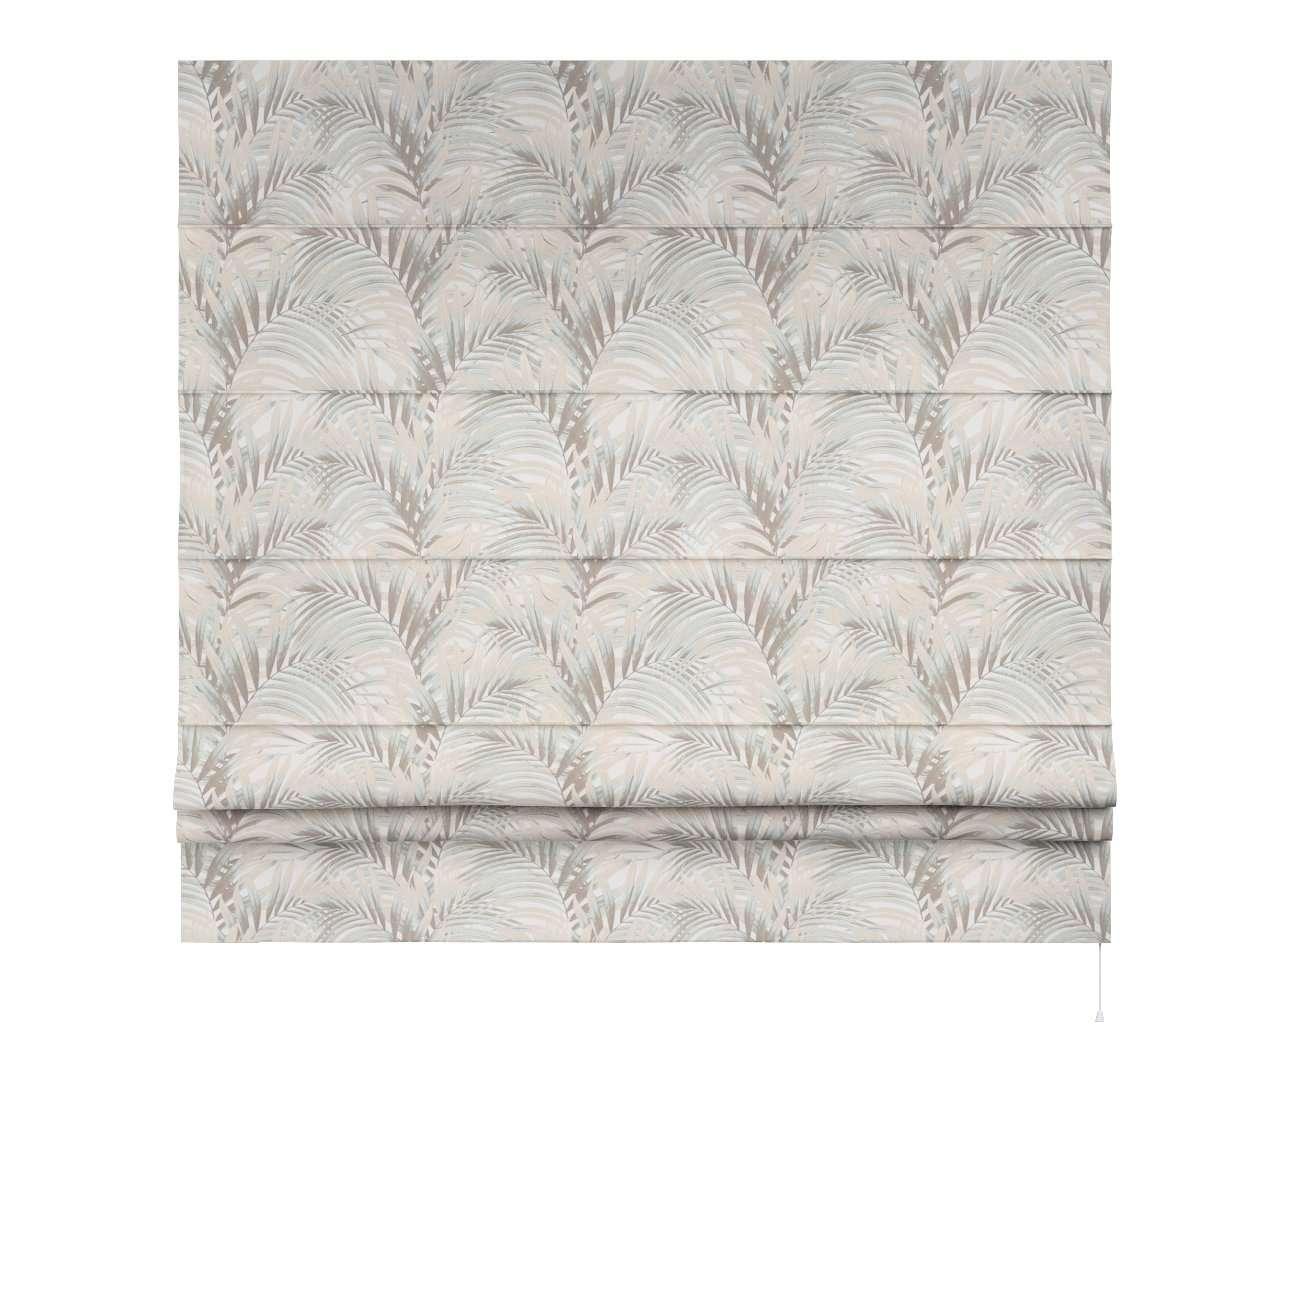 Raffrollo Padva von der Kollektion Gardenia, Stoff: 142-14